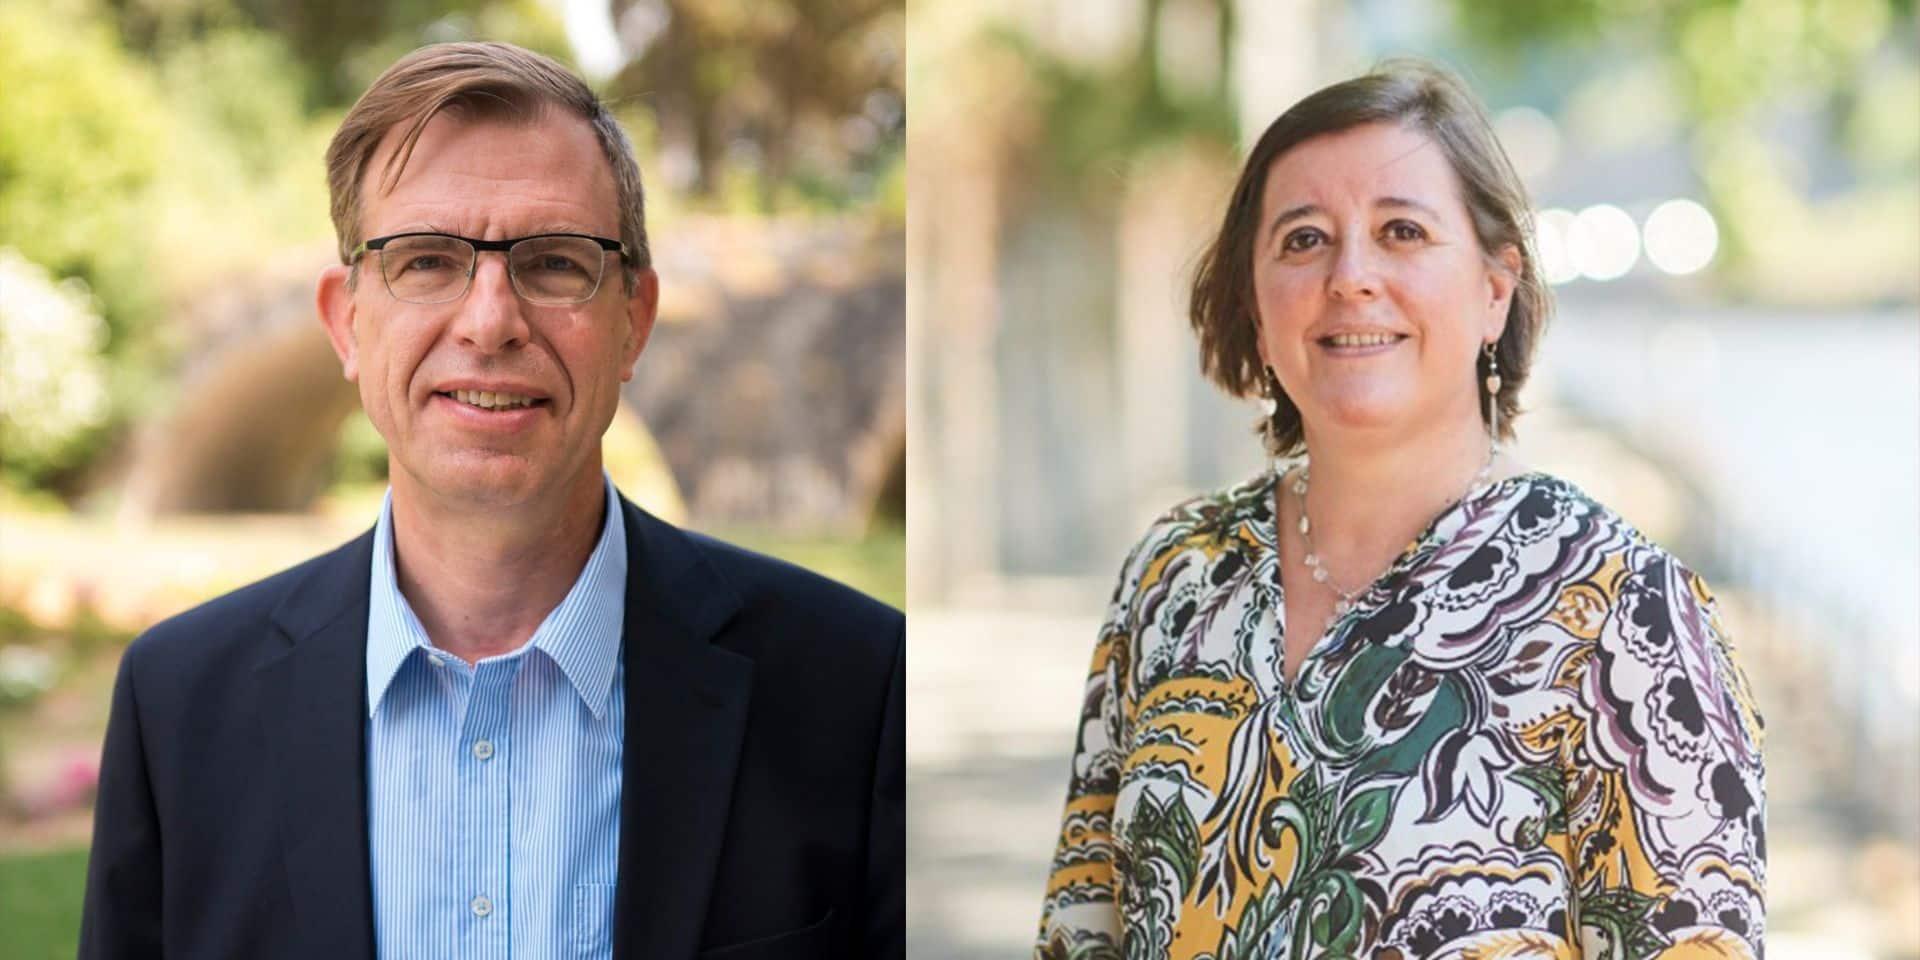 Annick Castiaux et Alain de Crombrugghe, candidats au rectorat de l'Unamur